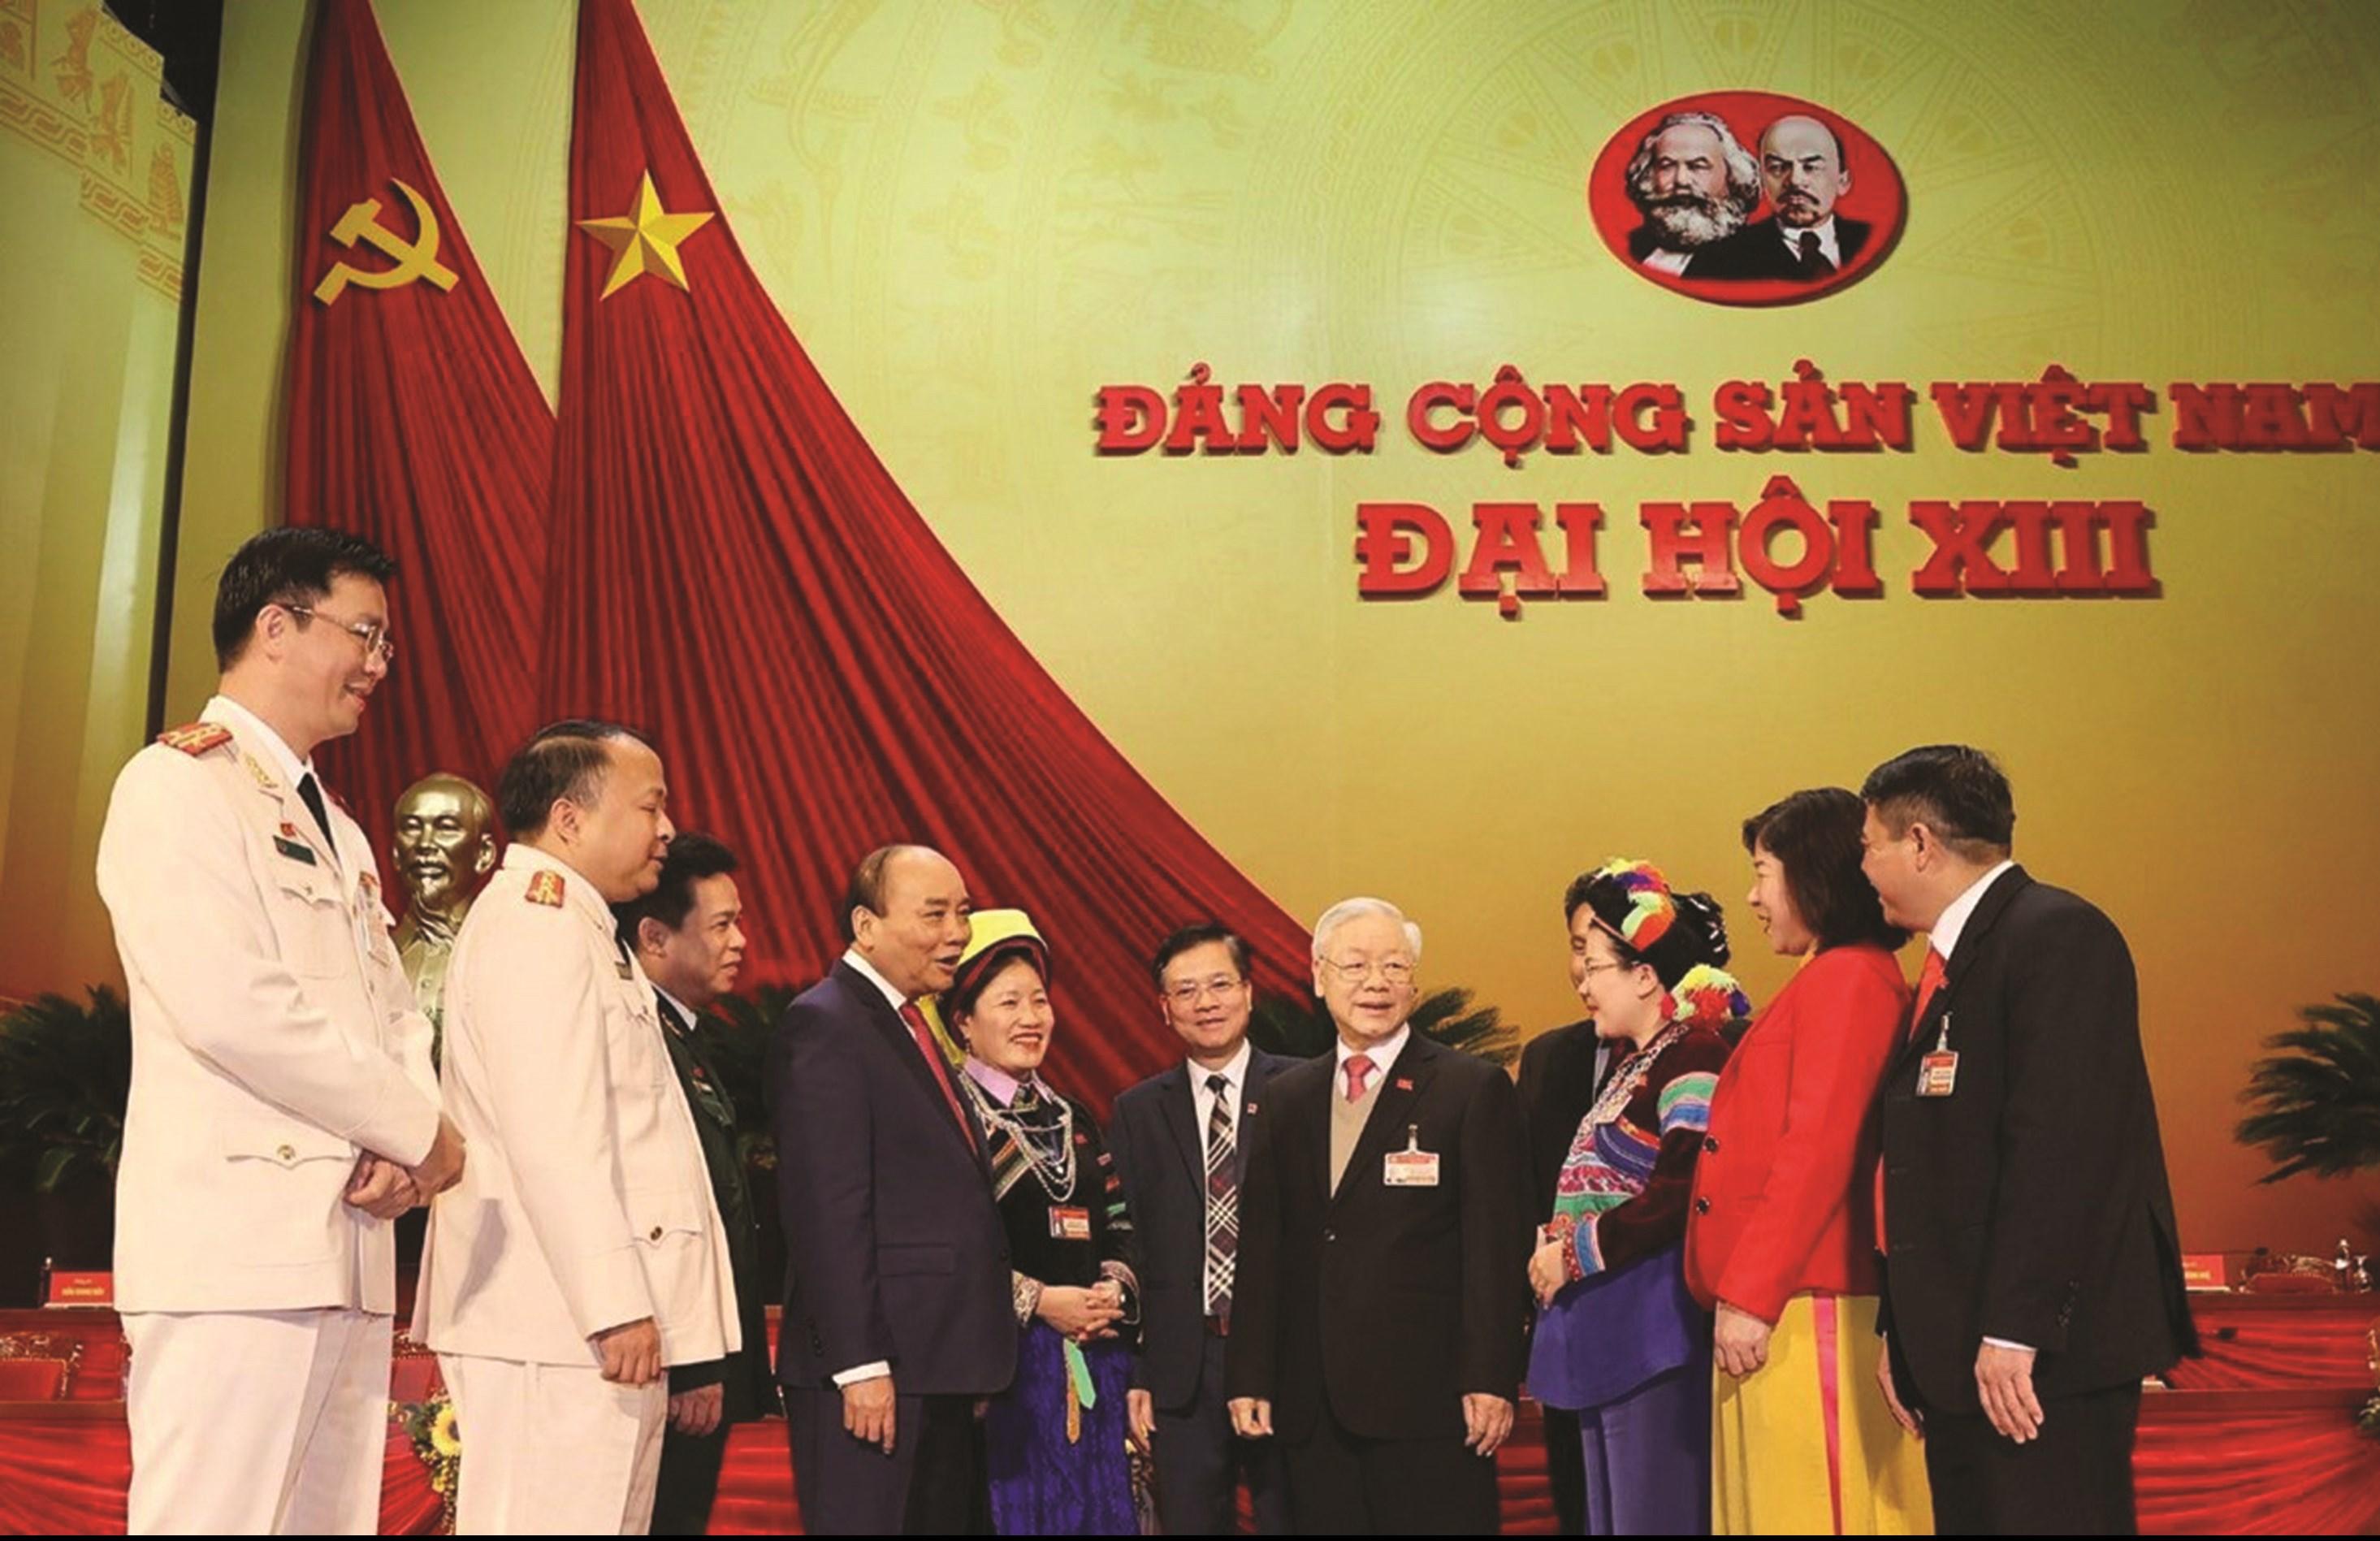 Tổng Bí thư, Chủ tịch nước Nguyễn Phú Trọng và Ủy viên Bộ Chính trị, Thủ tướng Chính phủ Nguyễn Xuân Phúc gặp gỡ các đại biểu dự Đại hội, sáng 29/1/2021.